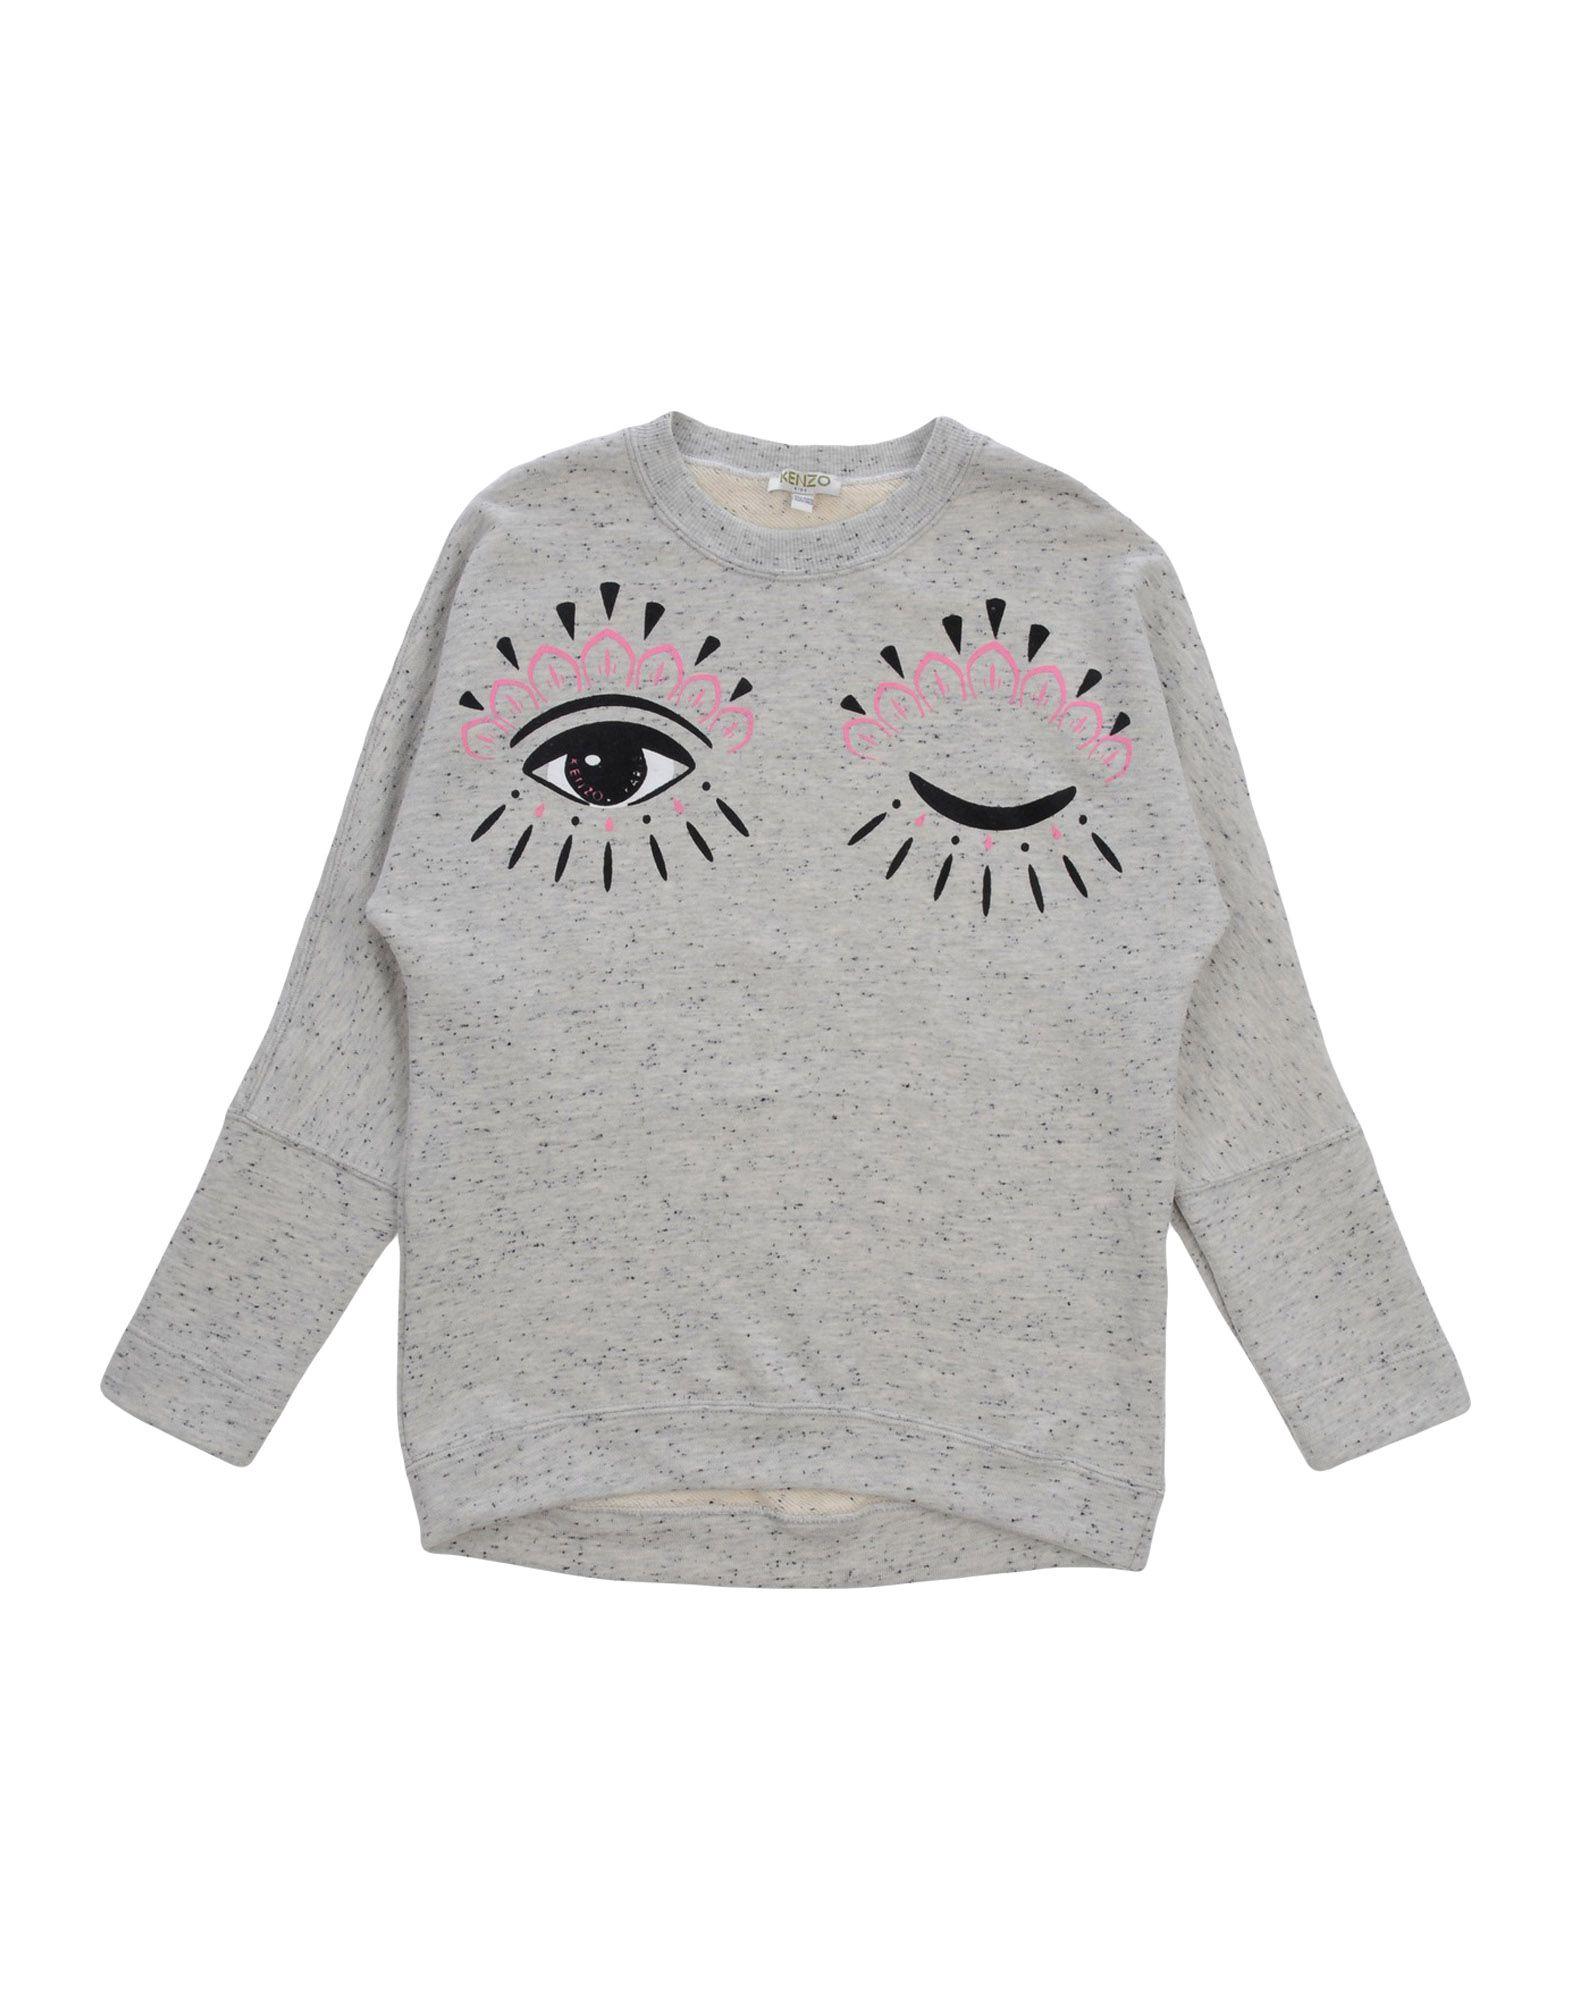 KENZO Mädchen 9-16 jahre Sweatshirt Farbe Hellgrau Größe 6 - broschei